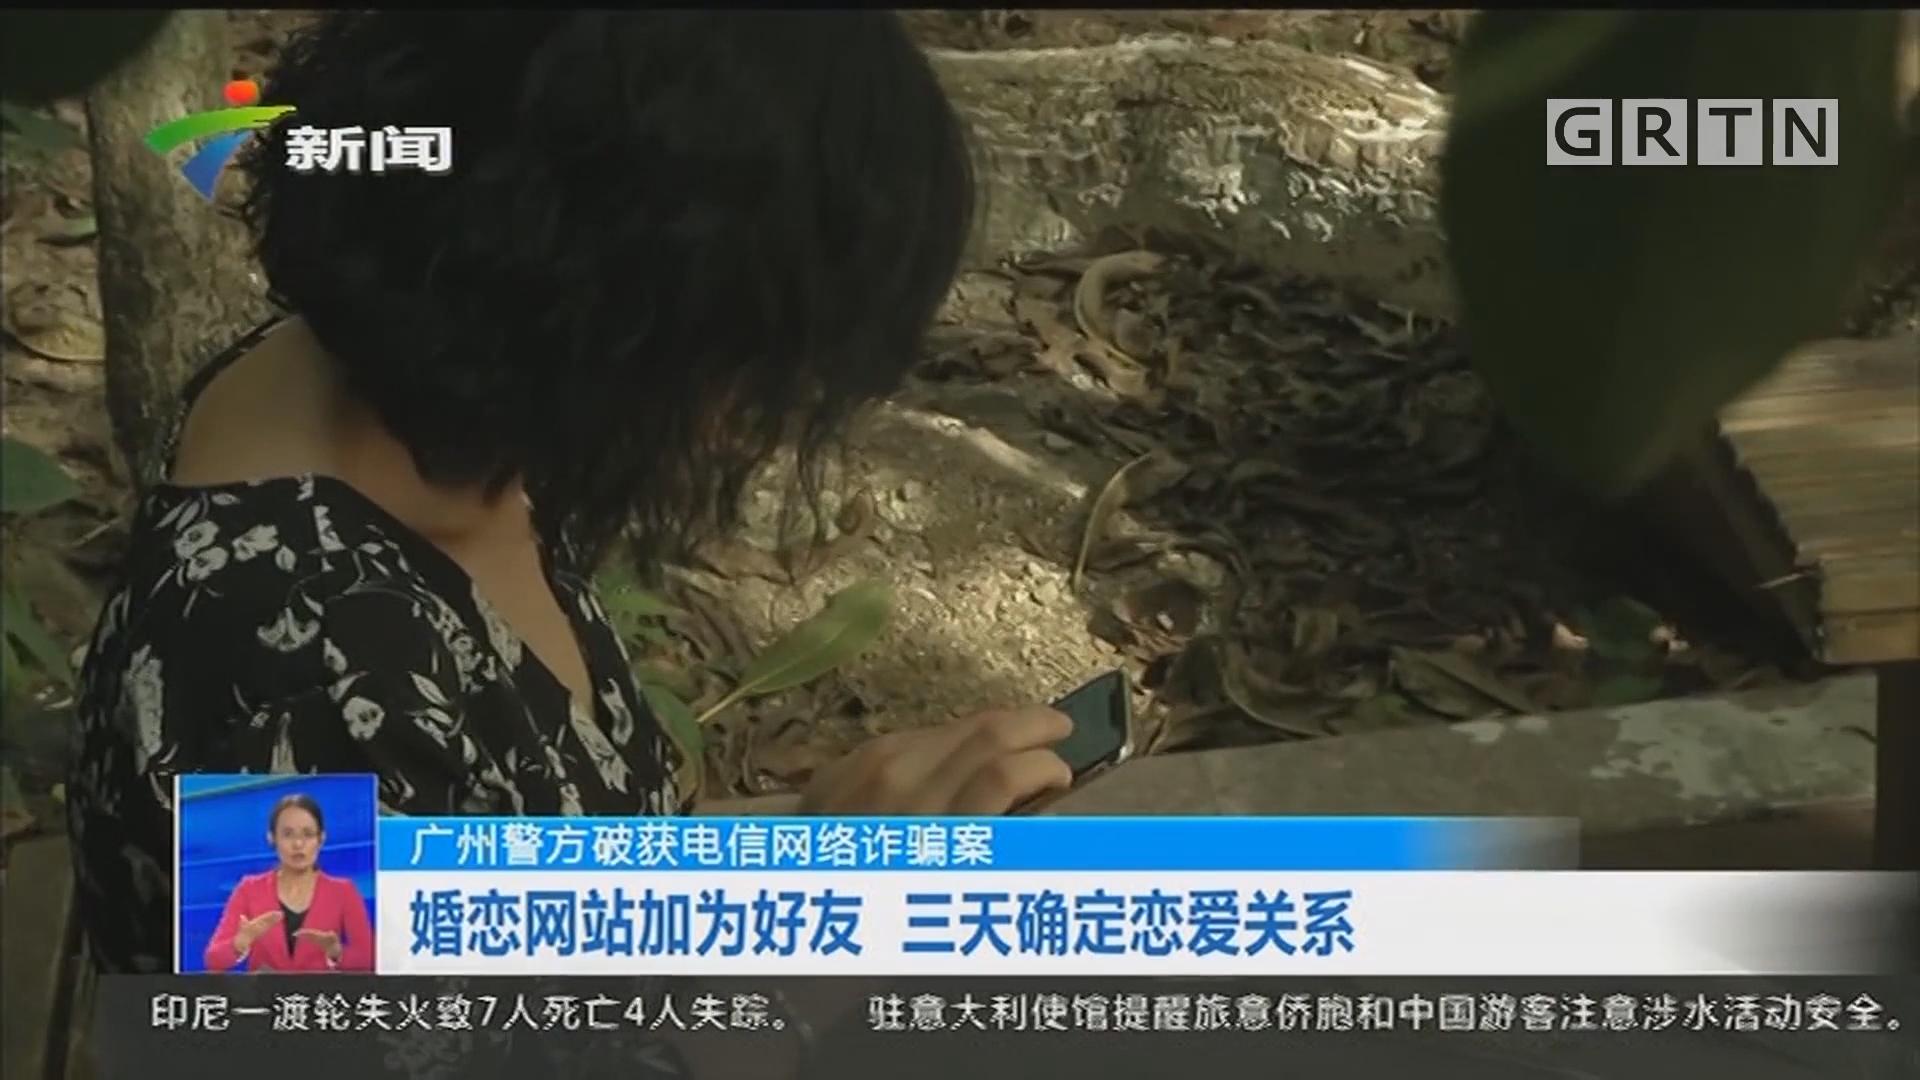 广州警方破获电信网络诈骗案:婚恋网站加为好友 三天确定恋爱关系